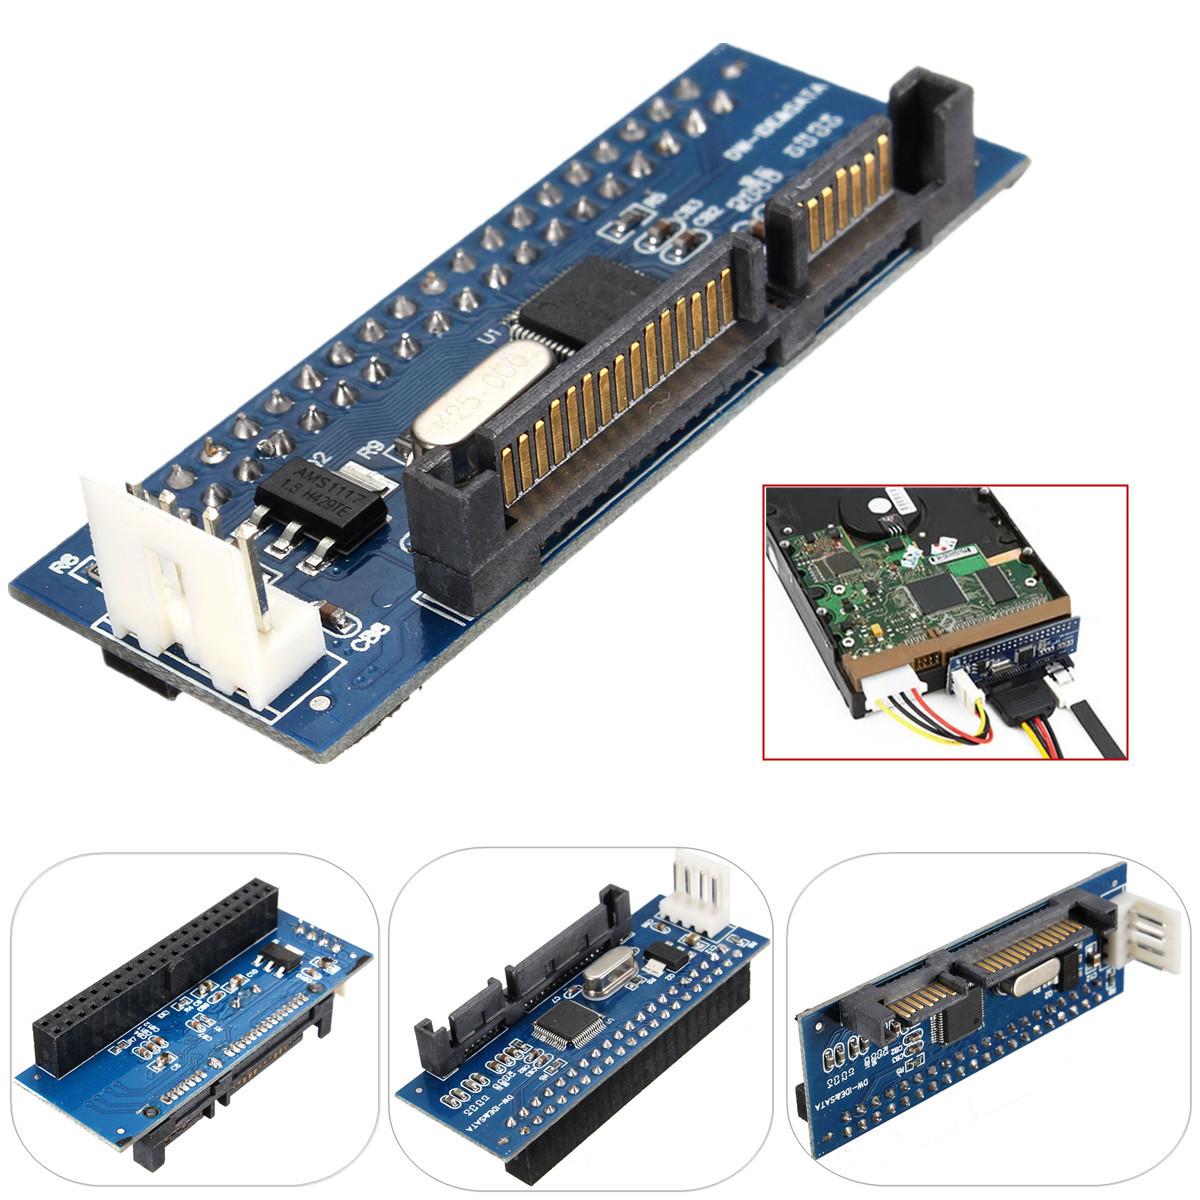 40 pin ide to sata 7 22 pin adapter pata to sata card lazada ph